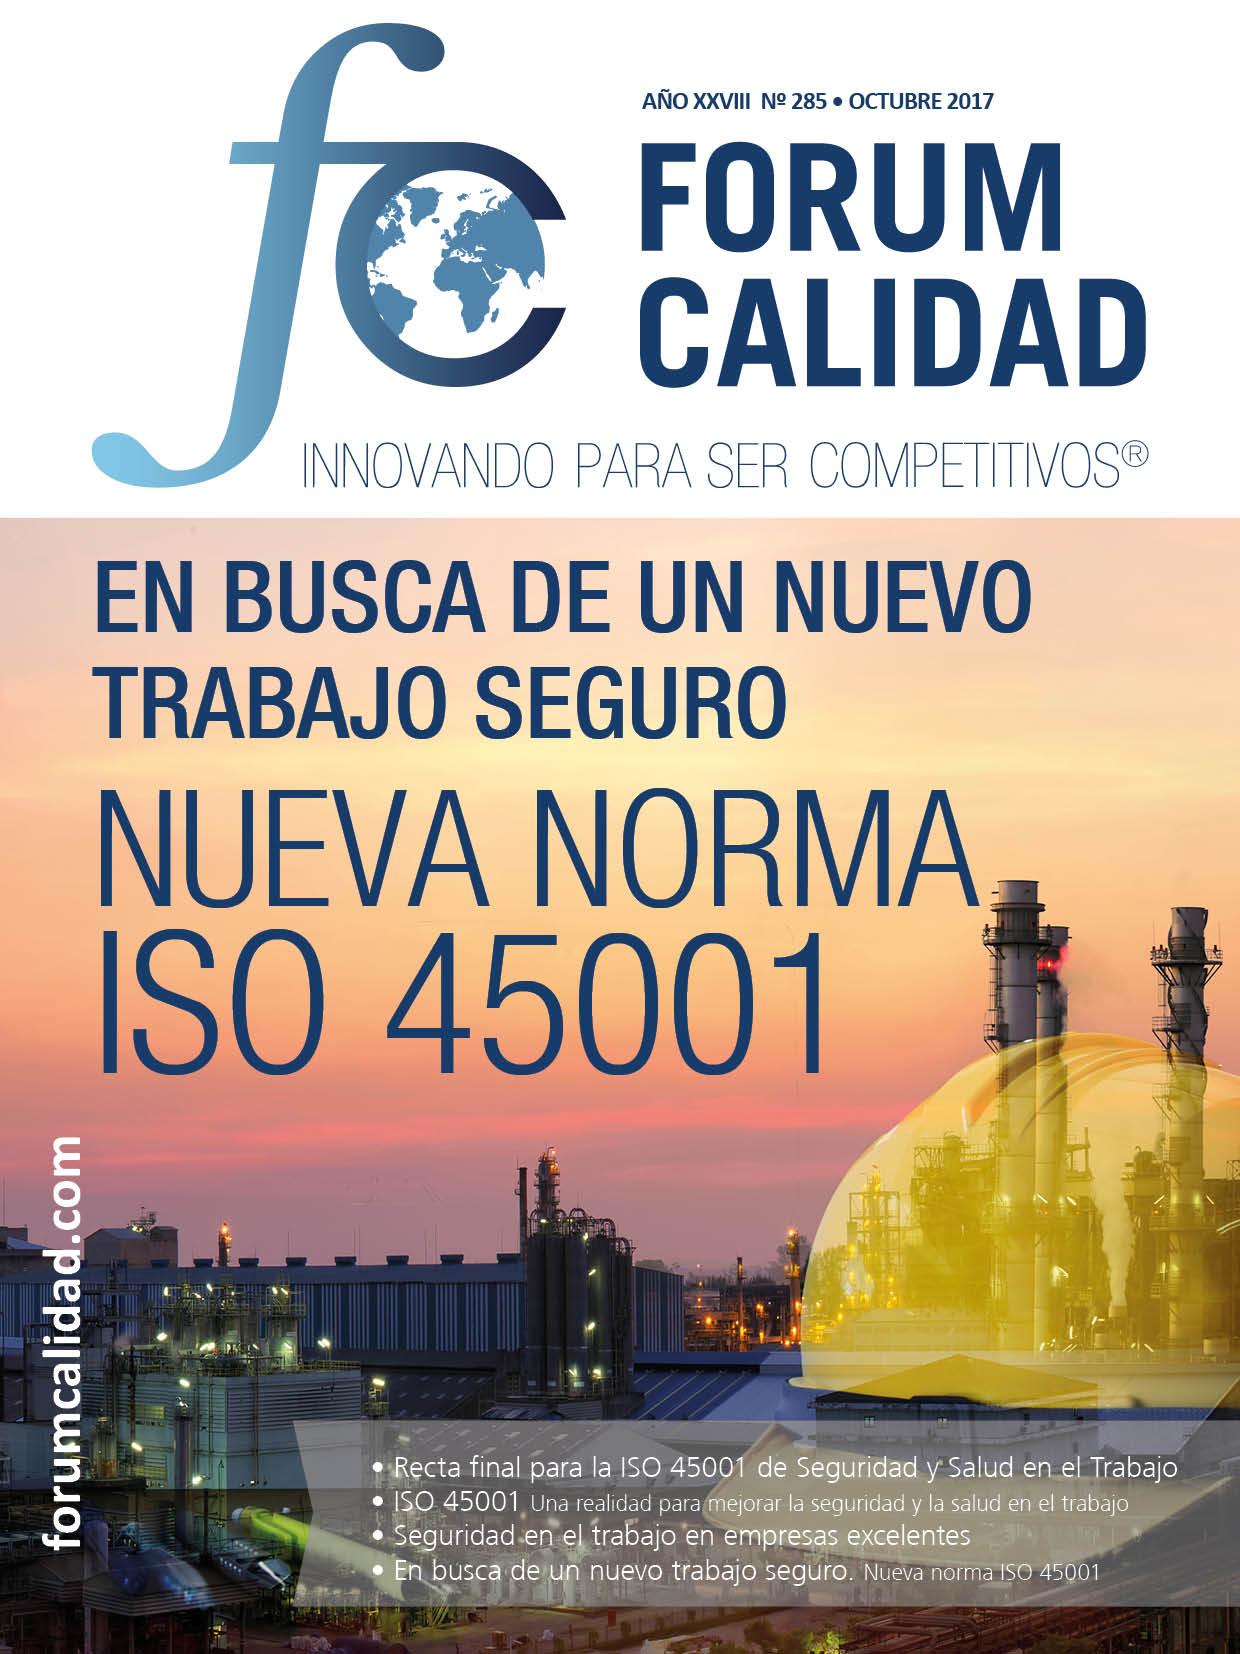 Forum Calidad nº 285 Octubre 2017